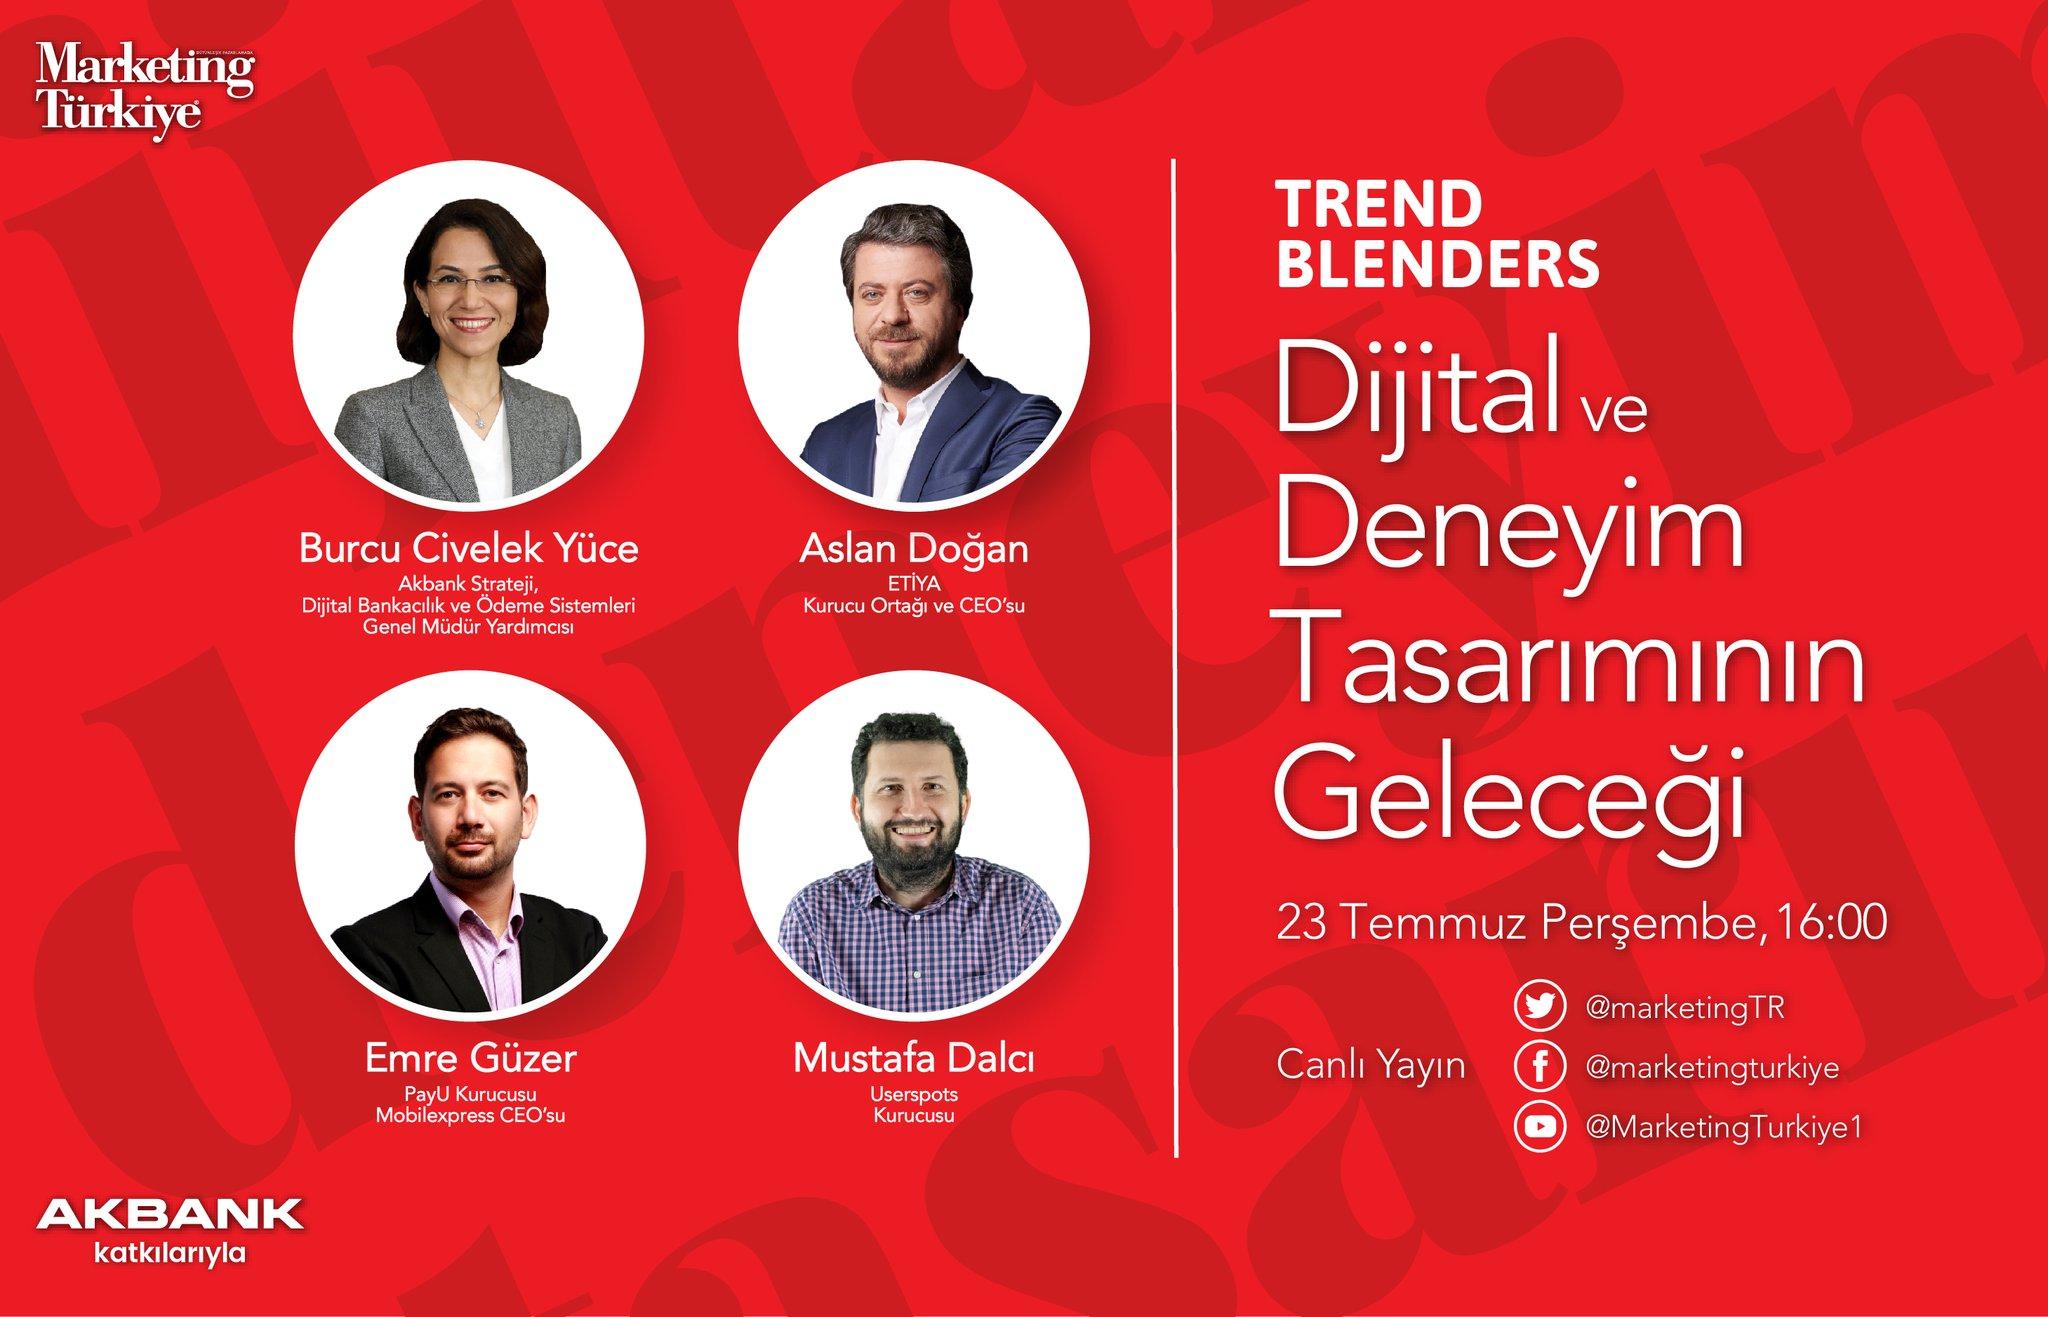 Akbank'ın katkılarıyla Trend Blenders başlıyor